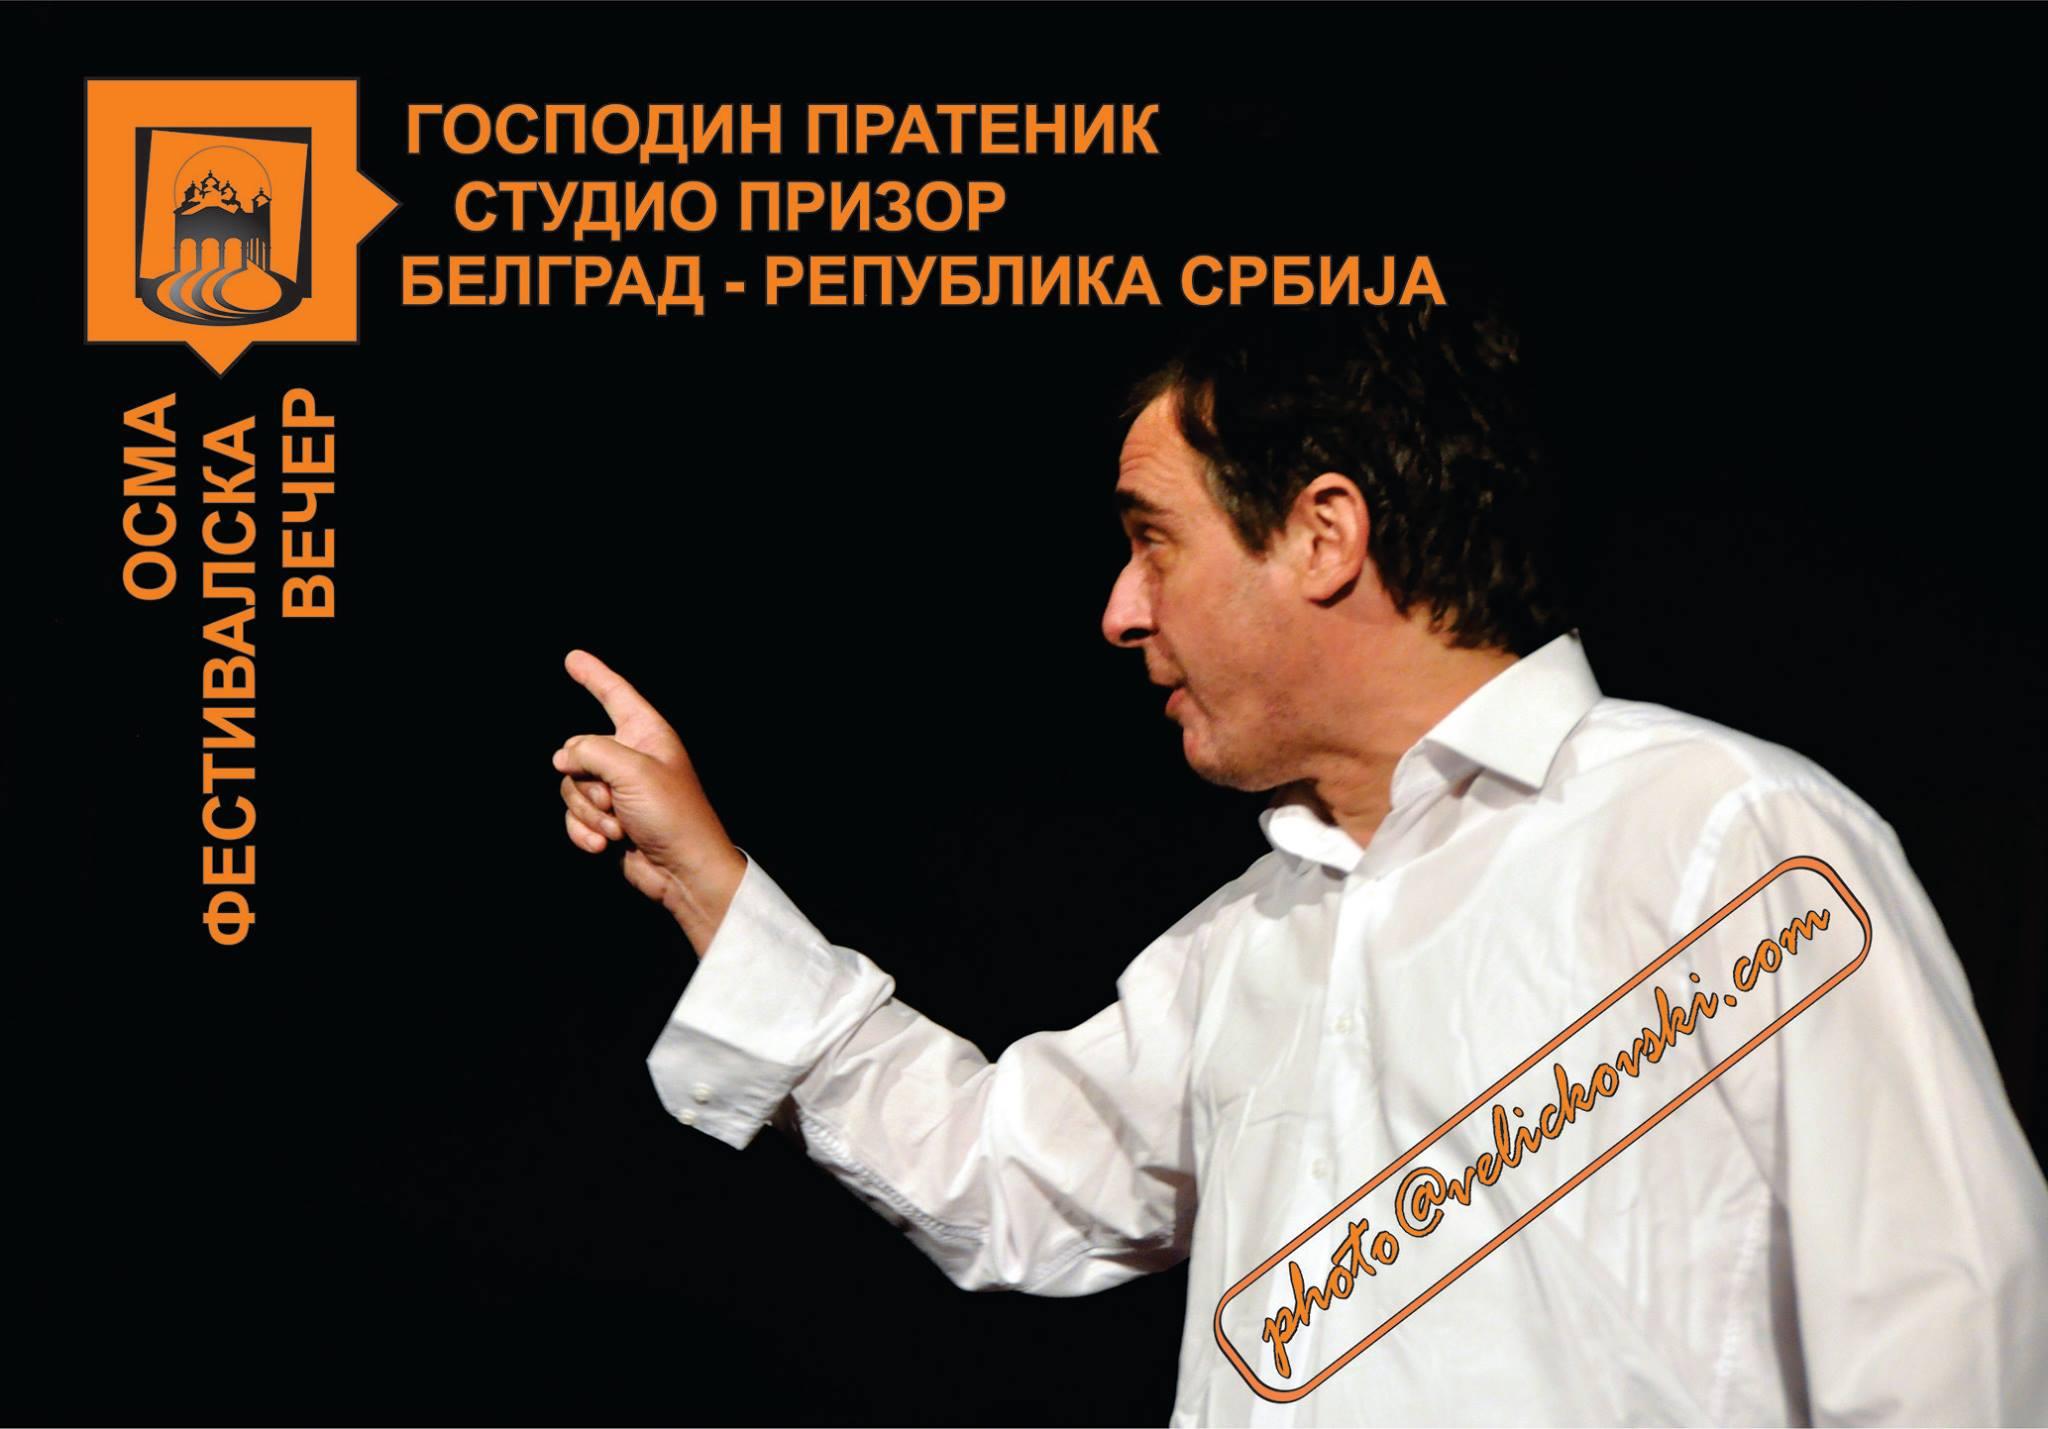 """""""Господин пратеник"""" на осмата фестивалска вечер на Меѓународниот театарски фестивал """"Свети Јоаким Осоговски"""""""